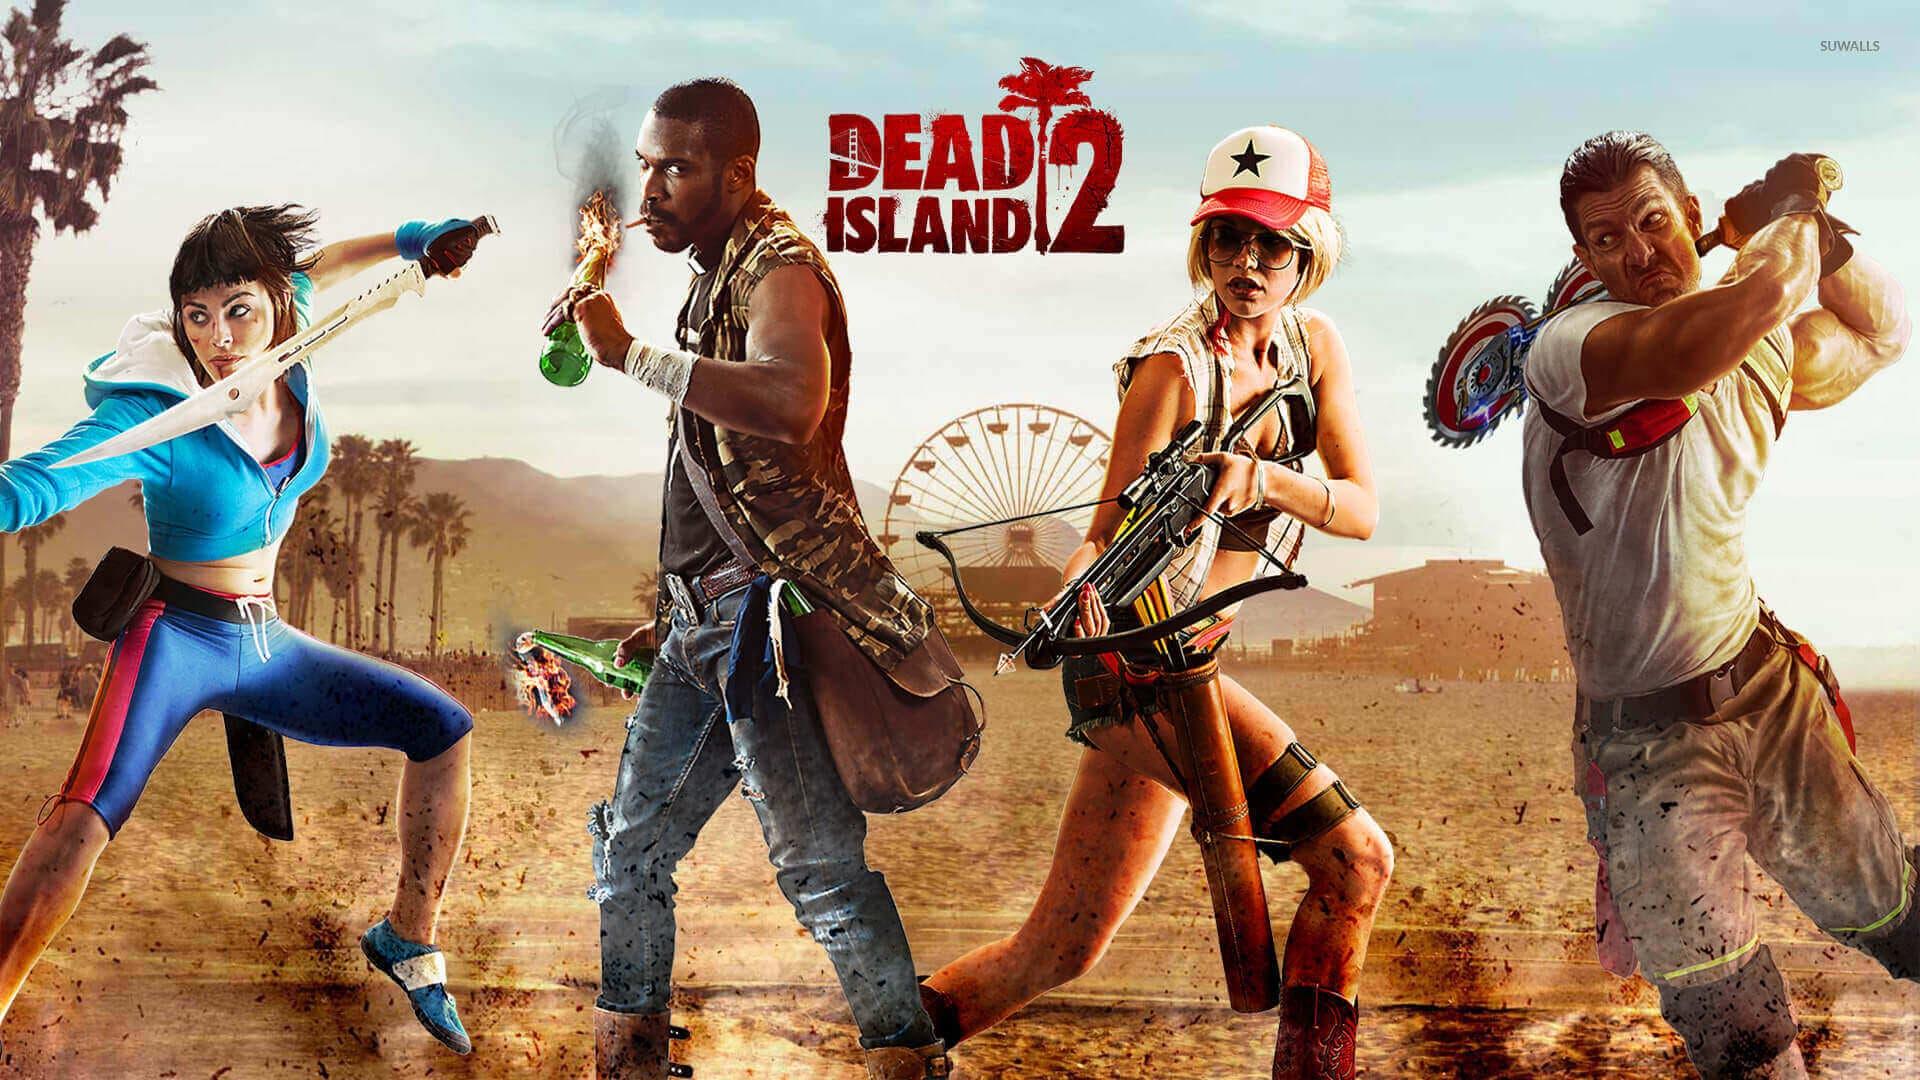 Dead Island 2 será un juego intergeneracional según una oferta de trabajo 4